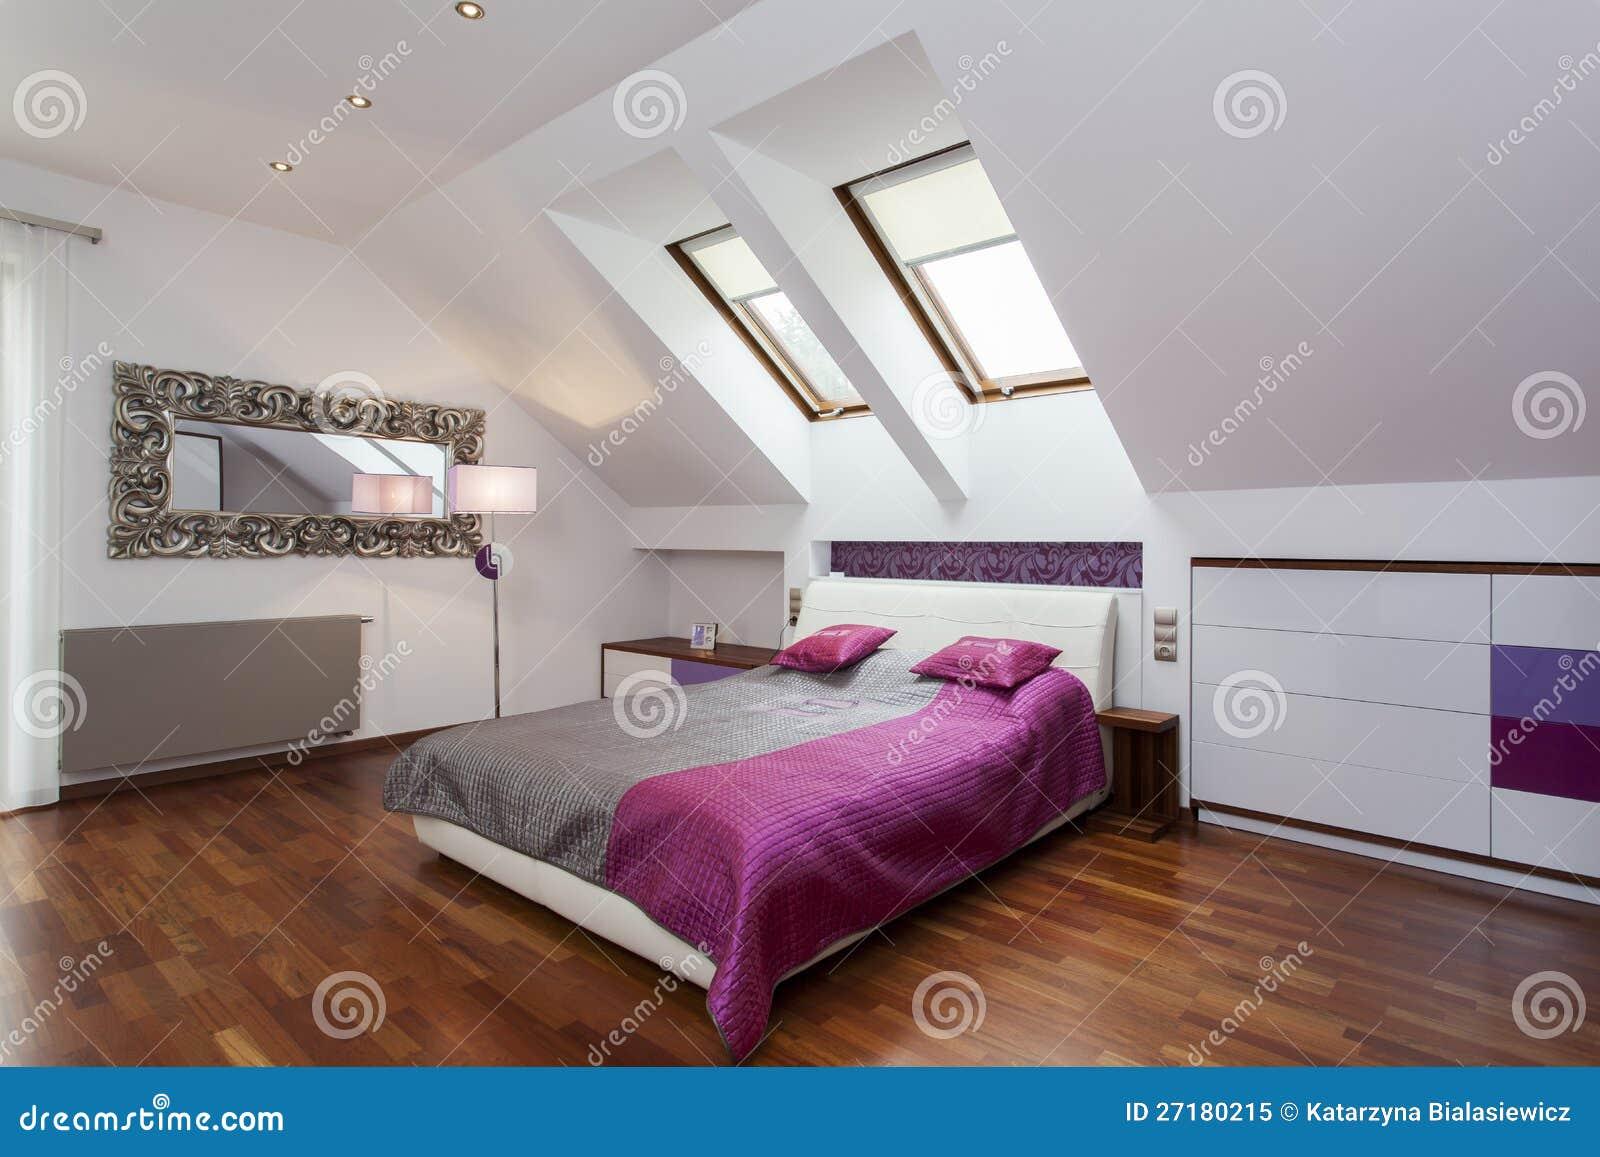 Schlafzimmer im dachboden stockbild bild von herrlich - Dachboden schlafzimmer ...